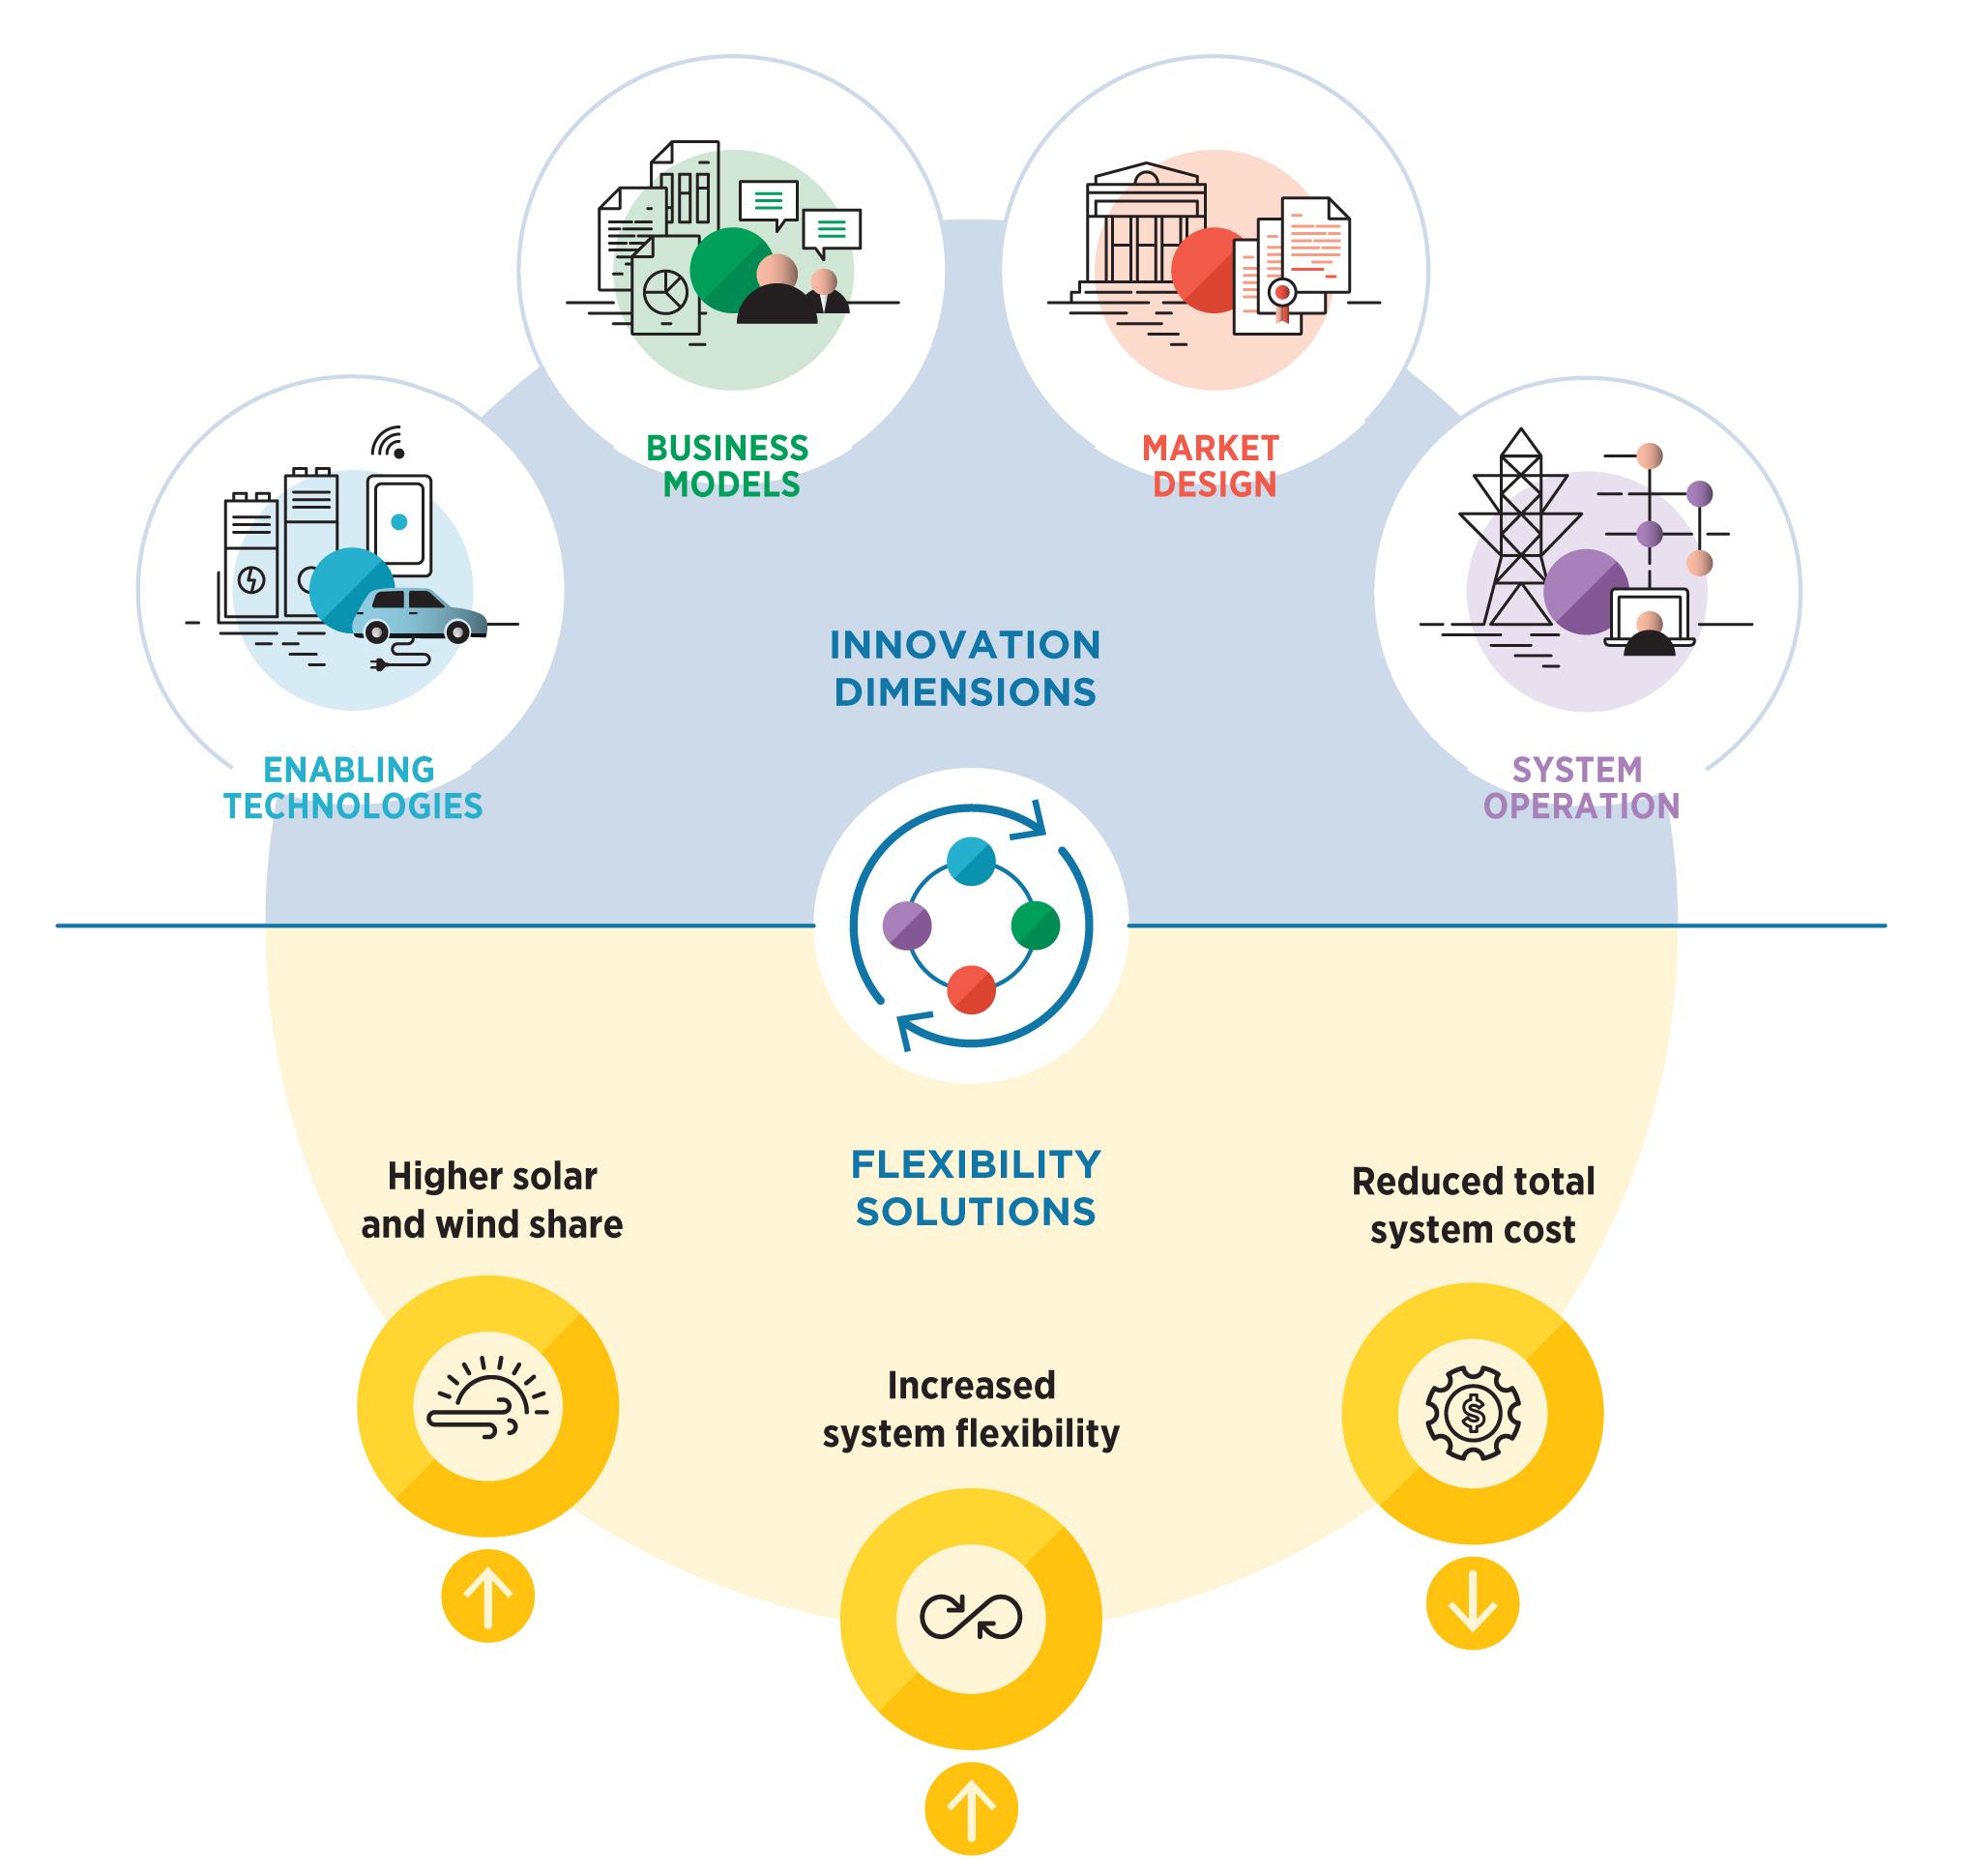 Рис. 1. Комбінація заходів та рішень, що забезпечують гнучкість в енергетиці. Джерело: IRENA – «Innovation landscape for a renewable-powered future», лютий 2019.